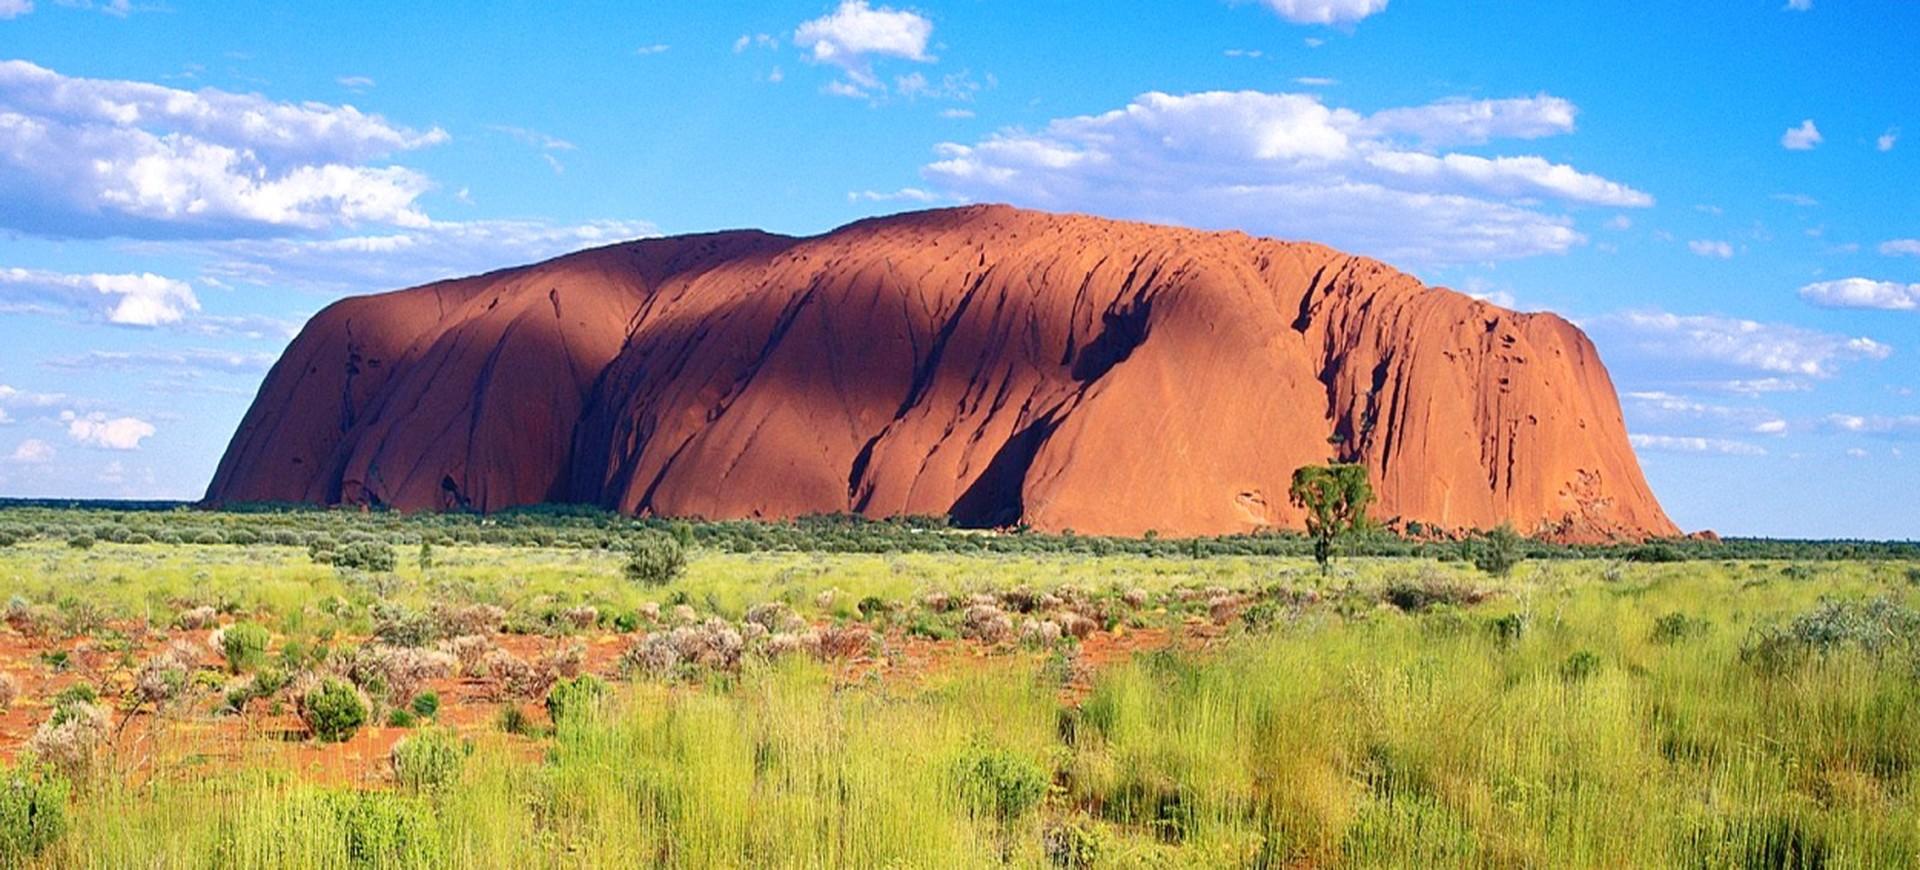 Australie Monolithe d'Ayers Rock